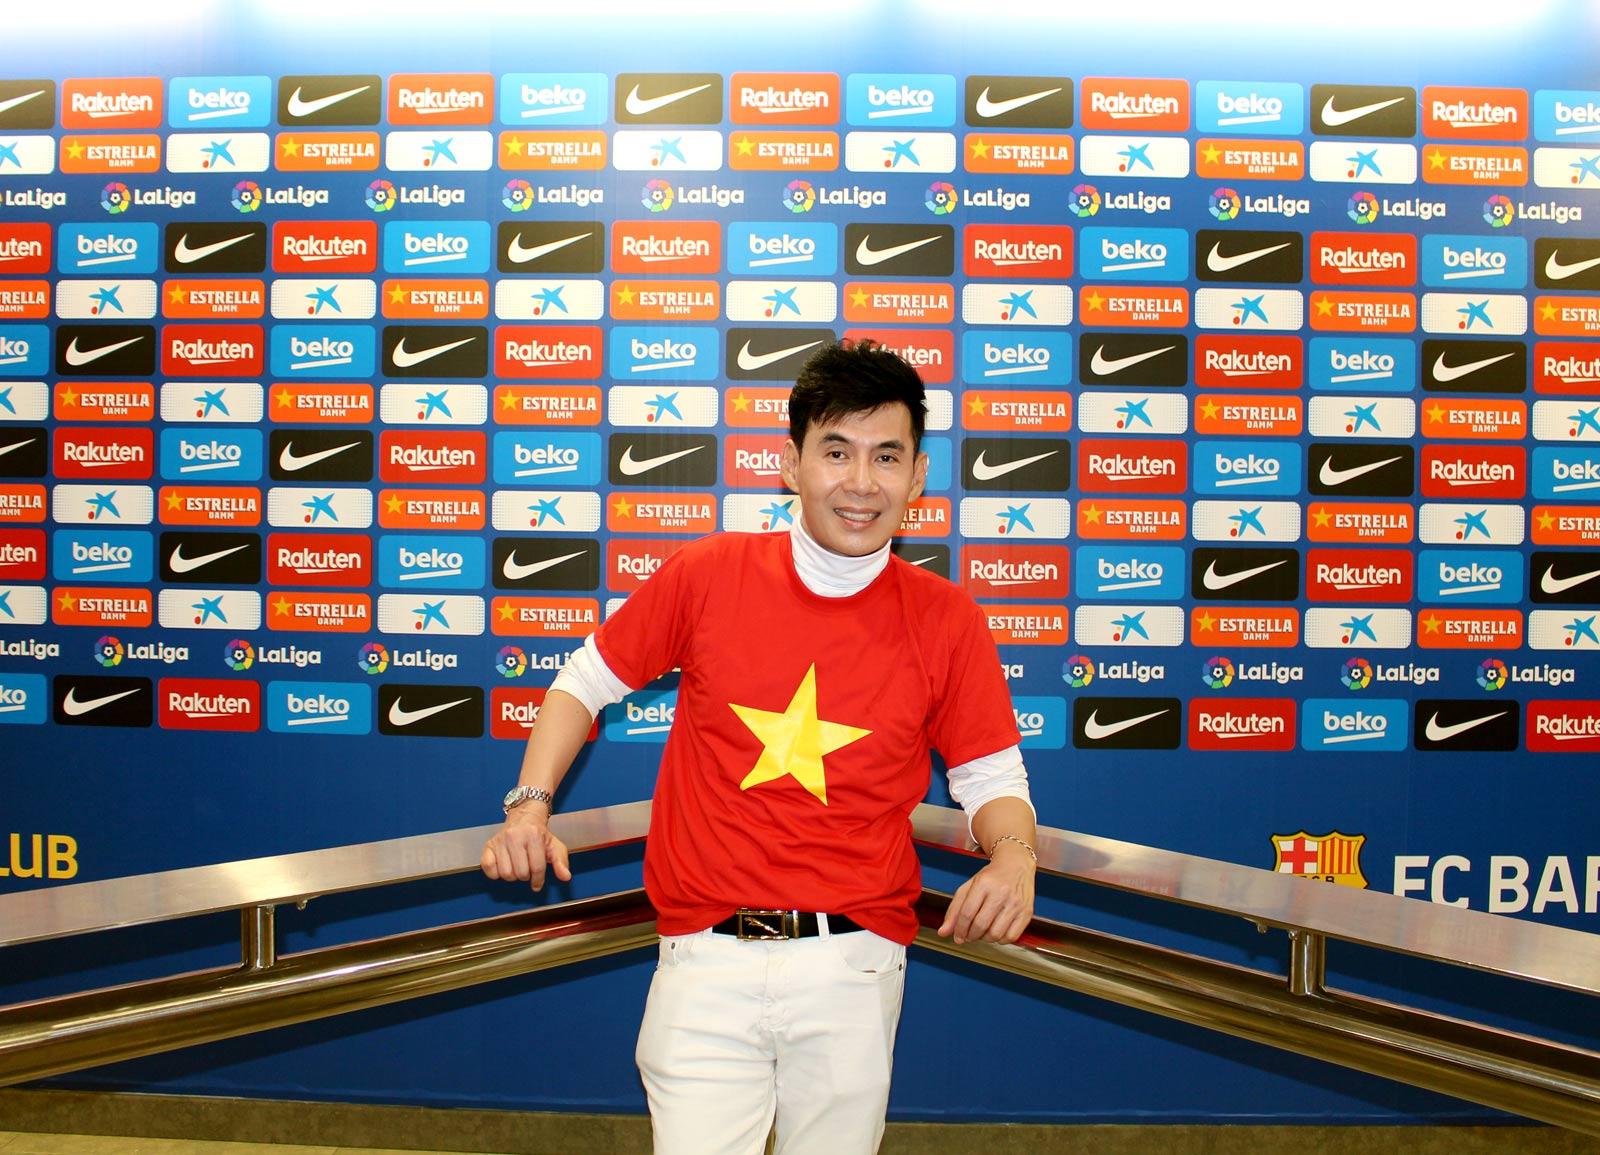 Sao Việt chi 3 tỷ đi du lịch nói gì khi đến sân bóng đá lớn nhất châu Âu? - 5